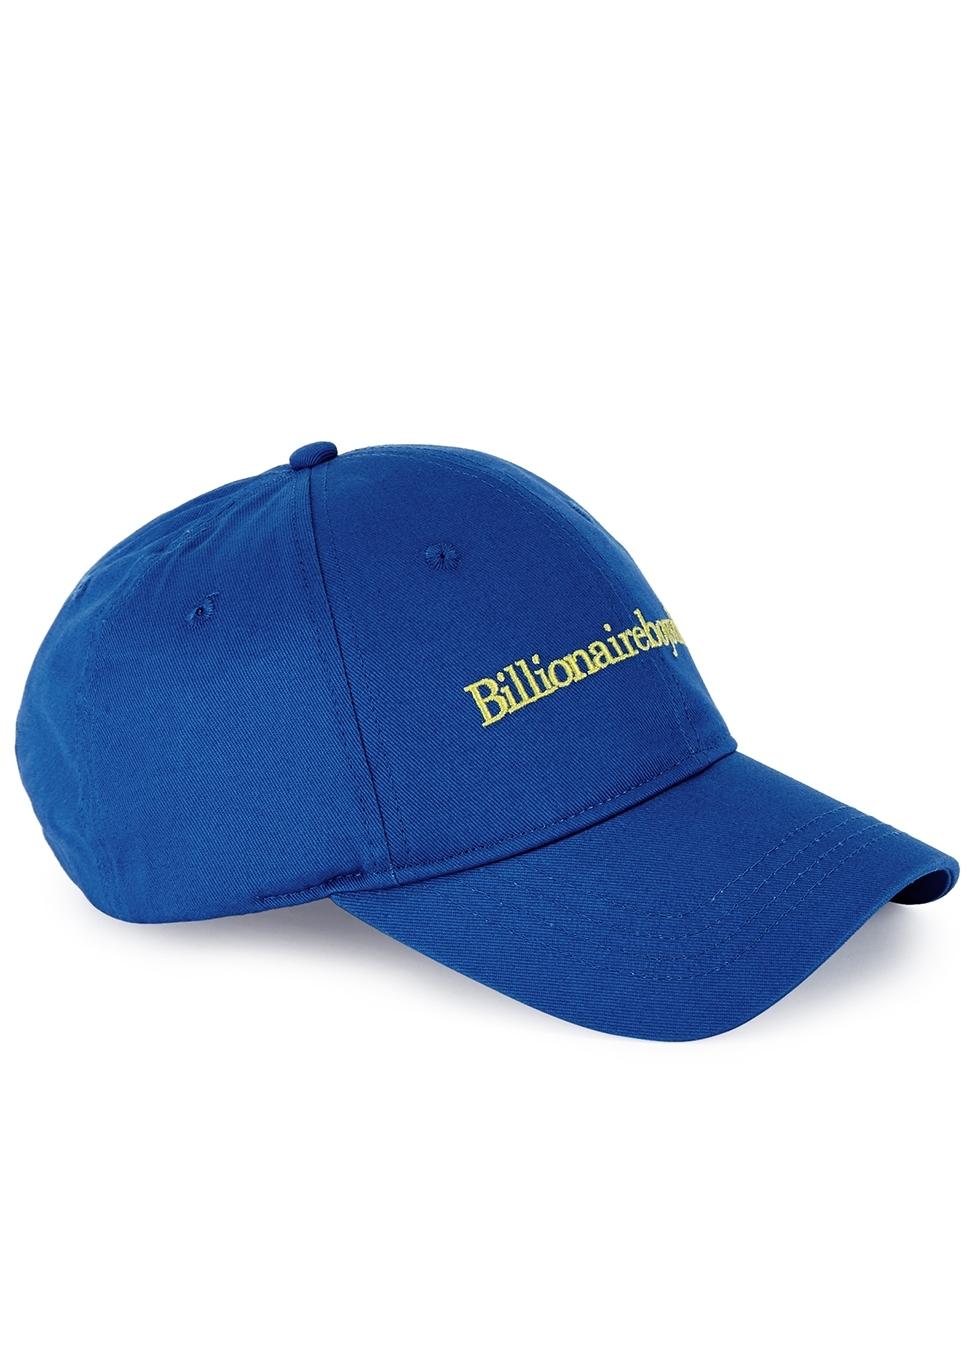 ebba125d55d6b Men s Designer Hats - Harvey Nichols